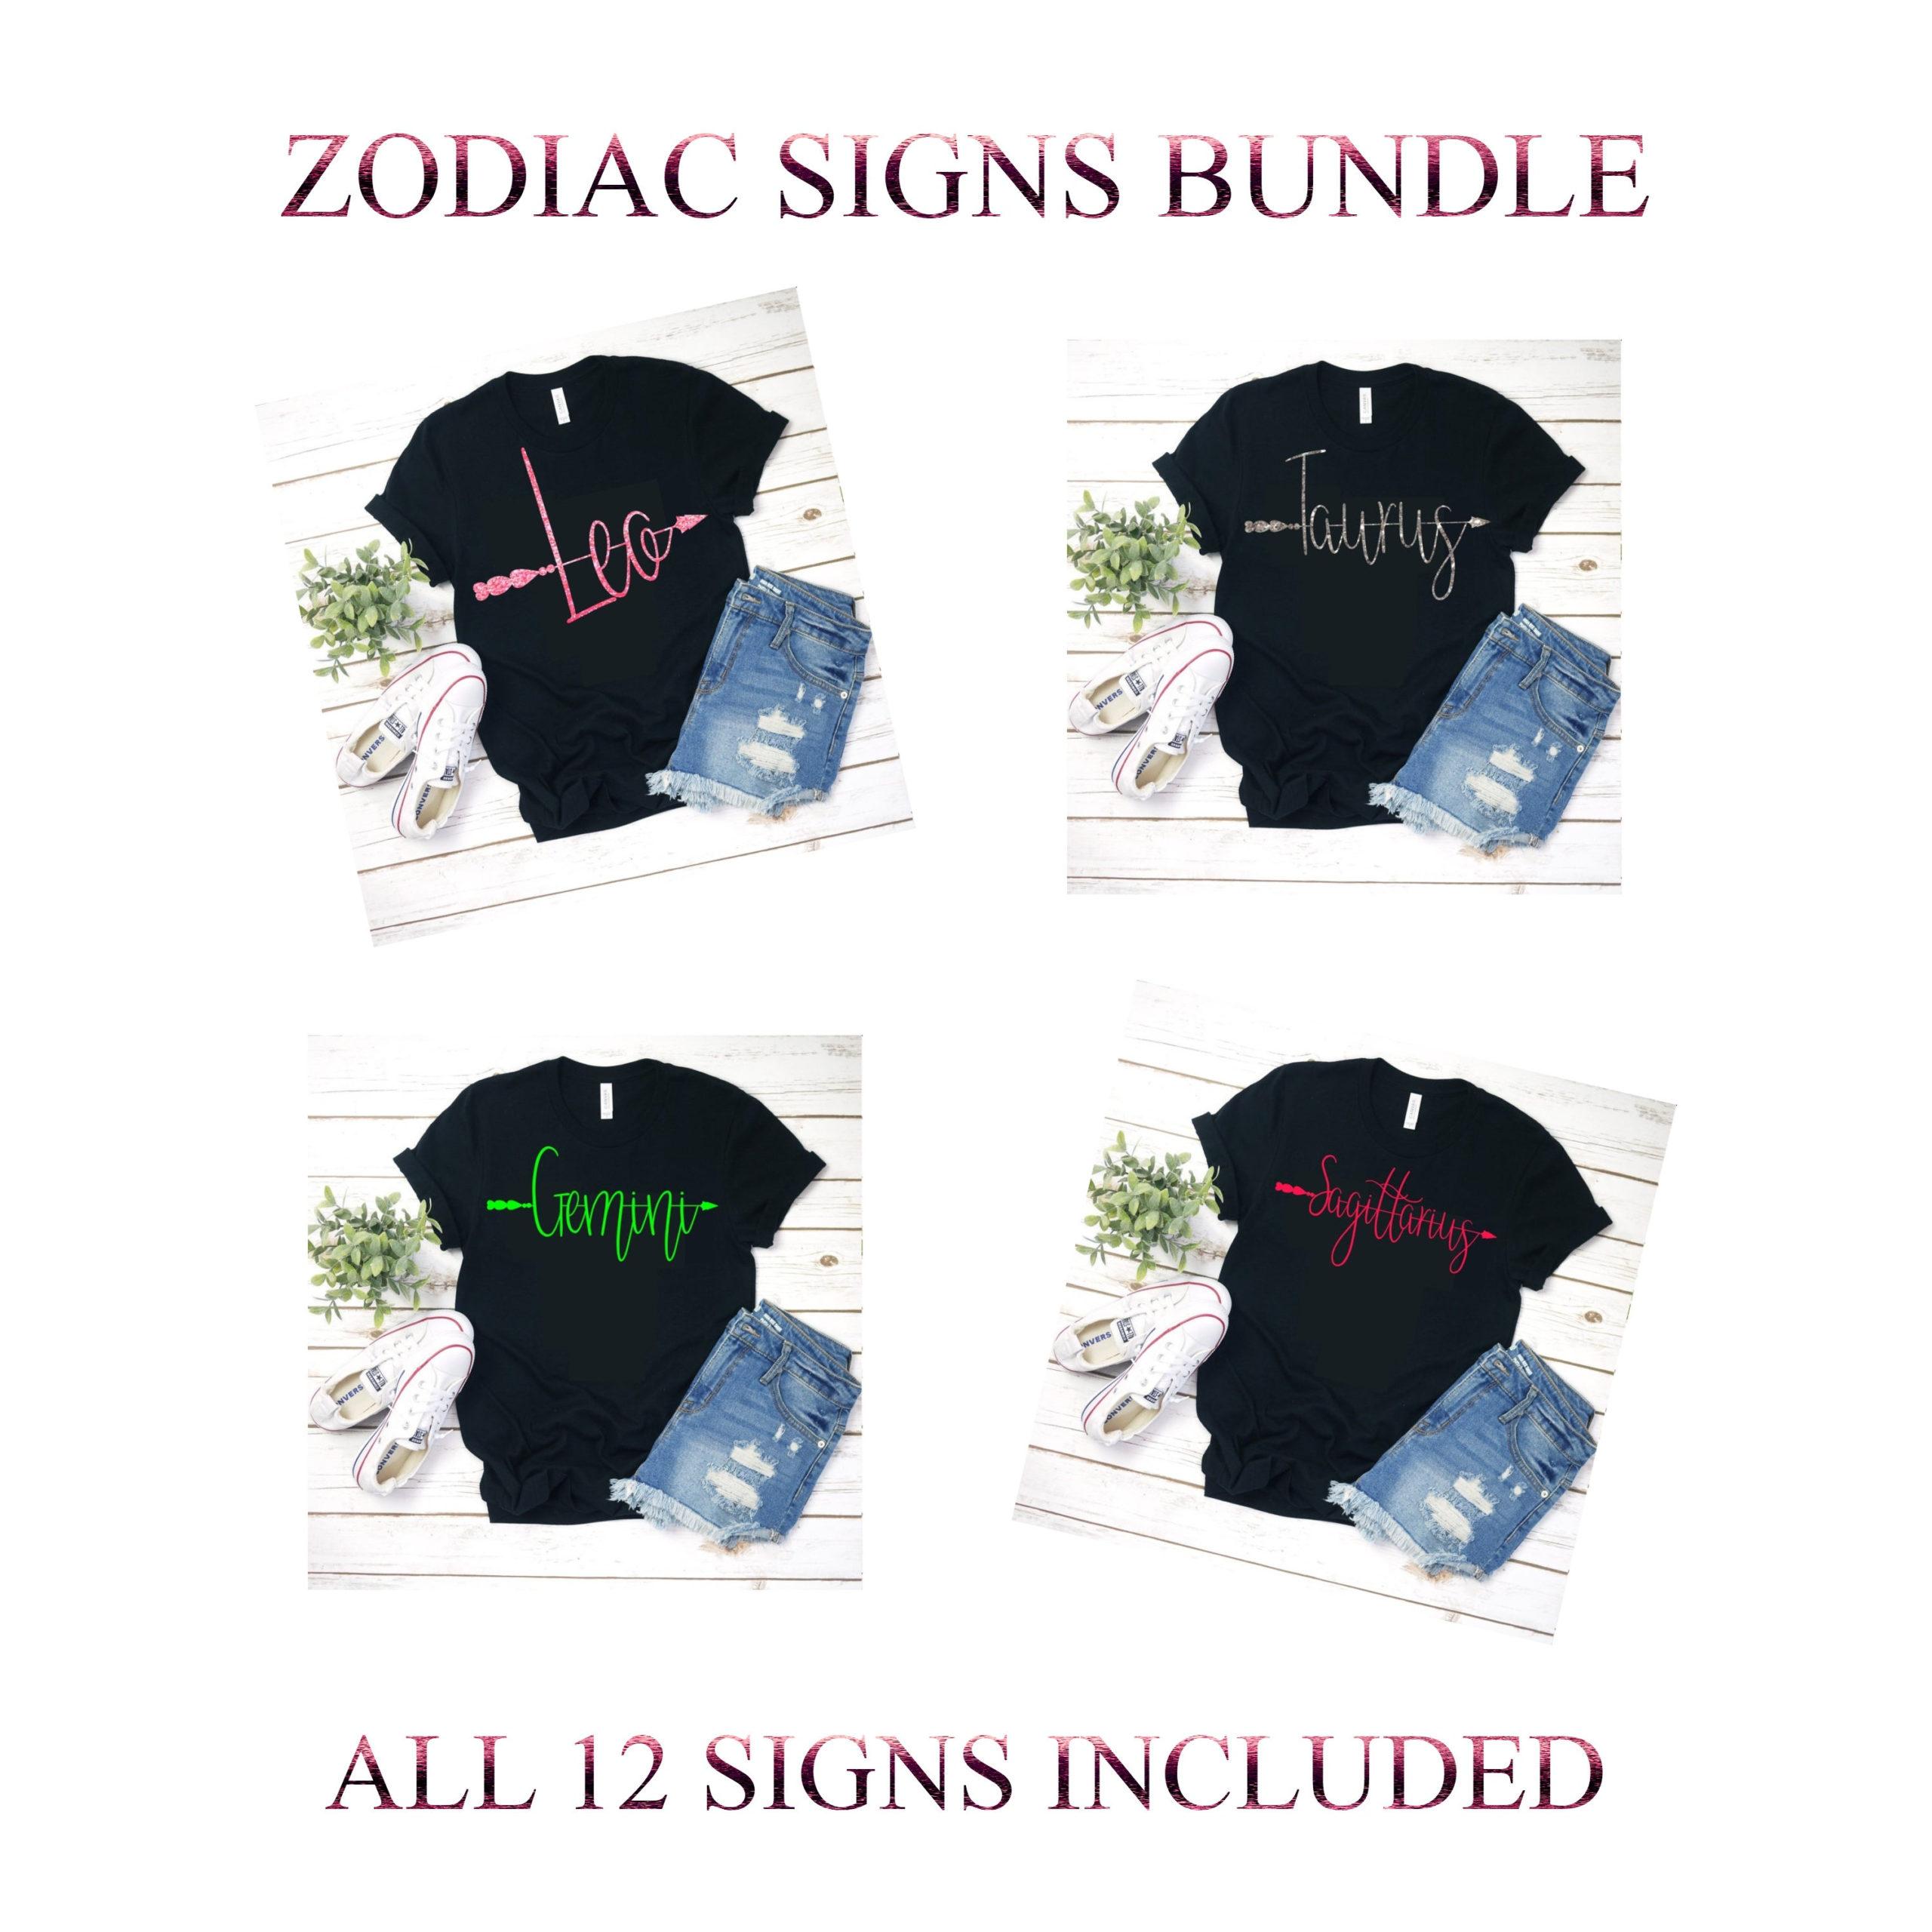 Scorpio-signs-bundle-svgzodiac-svgzodiac-sign-svgconstellation-svgstarzodiac-birthday-svghoroscope-svghoroscope-signscorpio-birthday-5e221e00